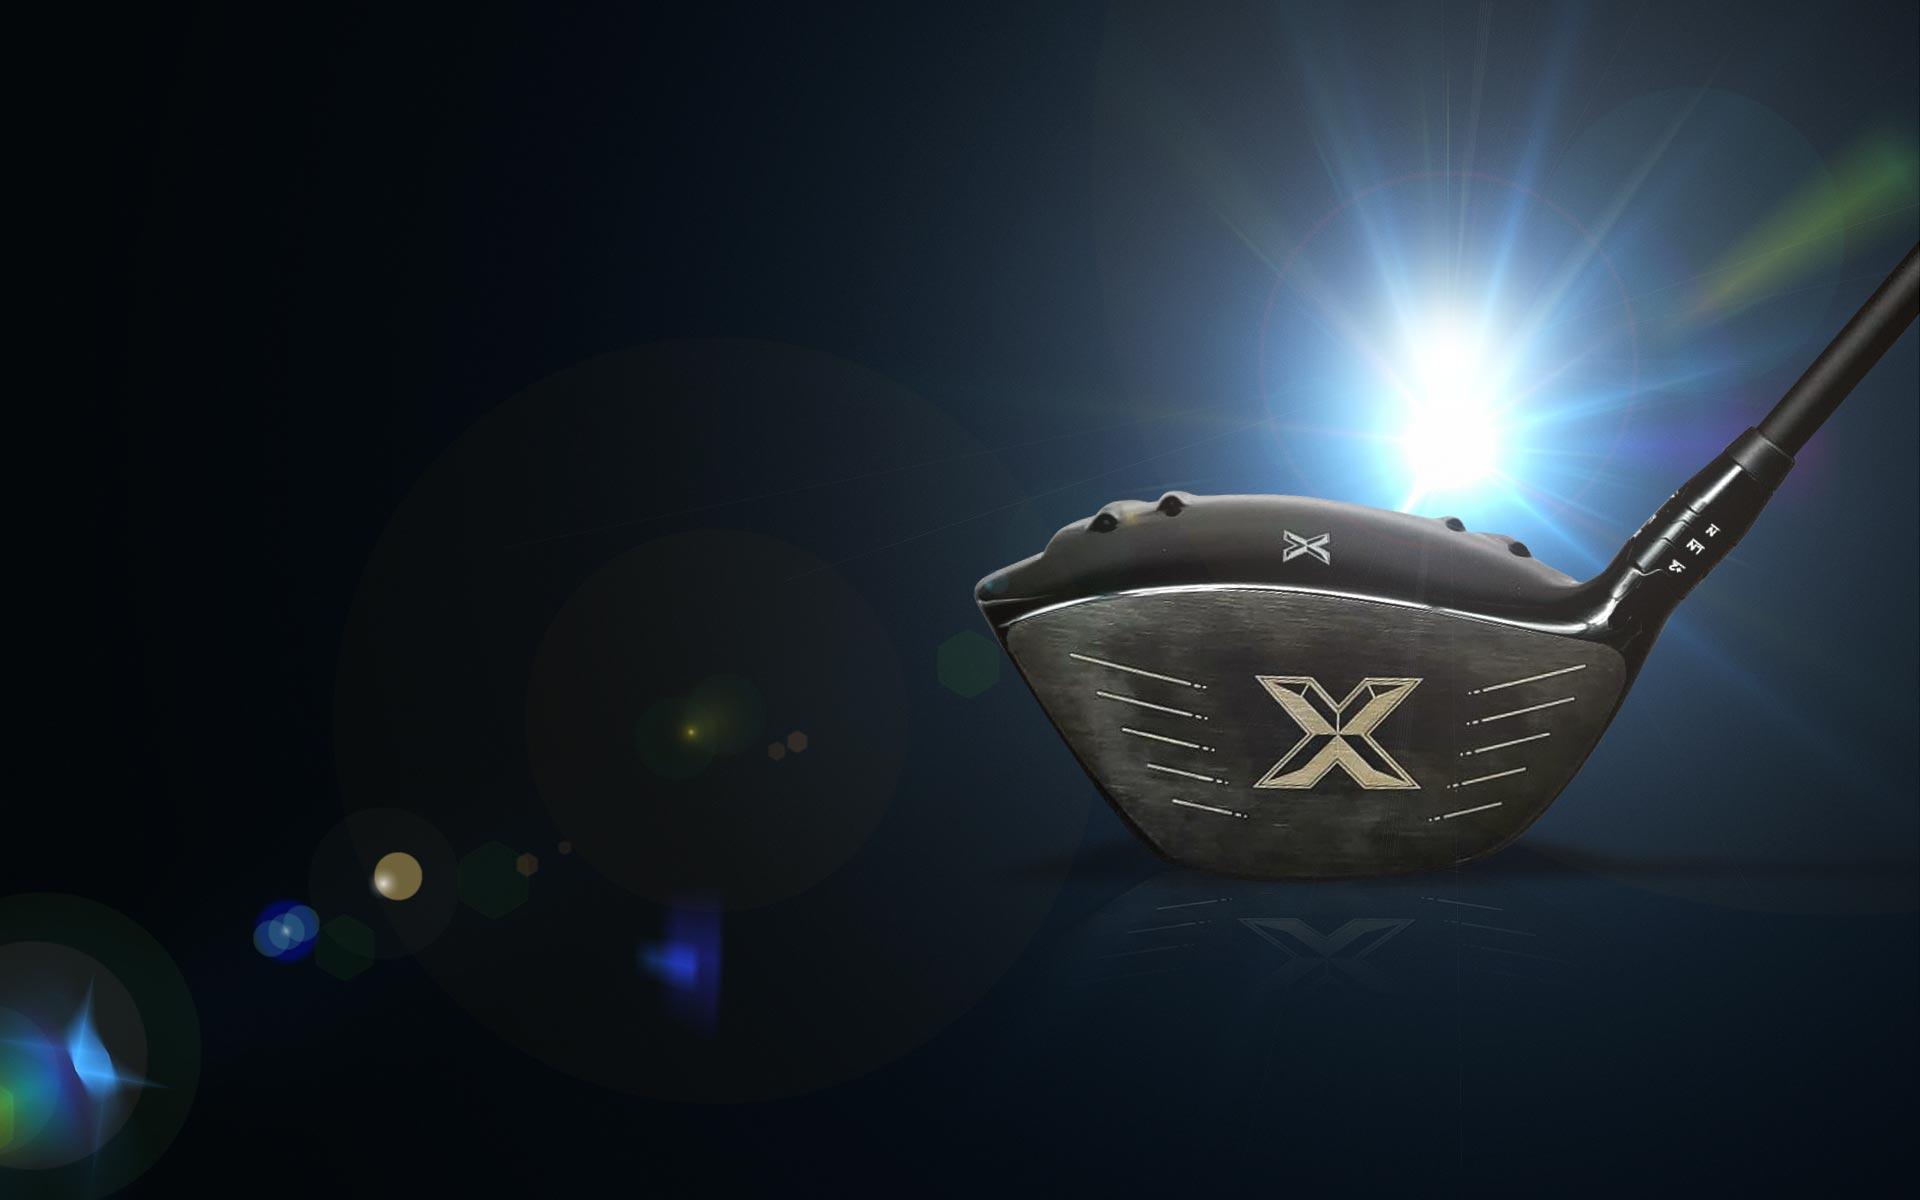 Krank Formula Double X Extreme USGA Non-Conforming Golf Driver